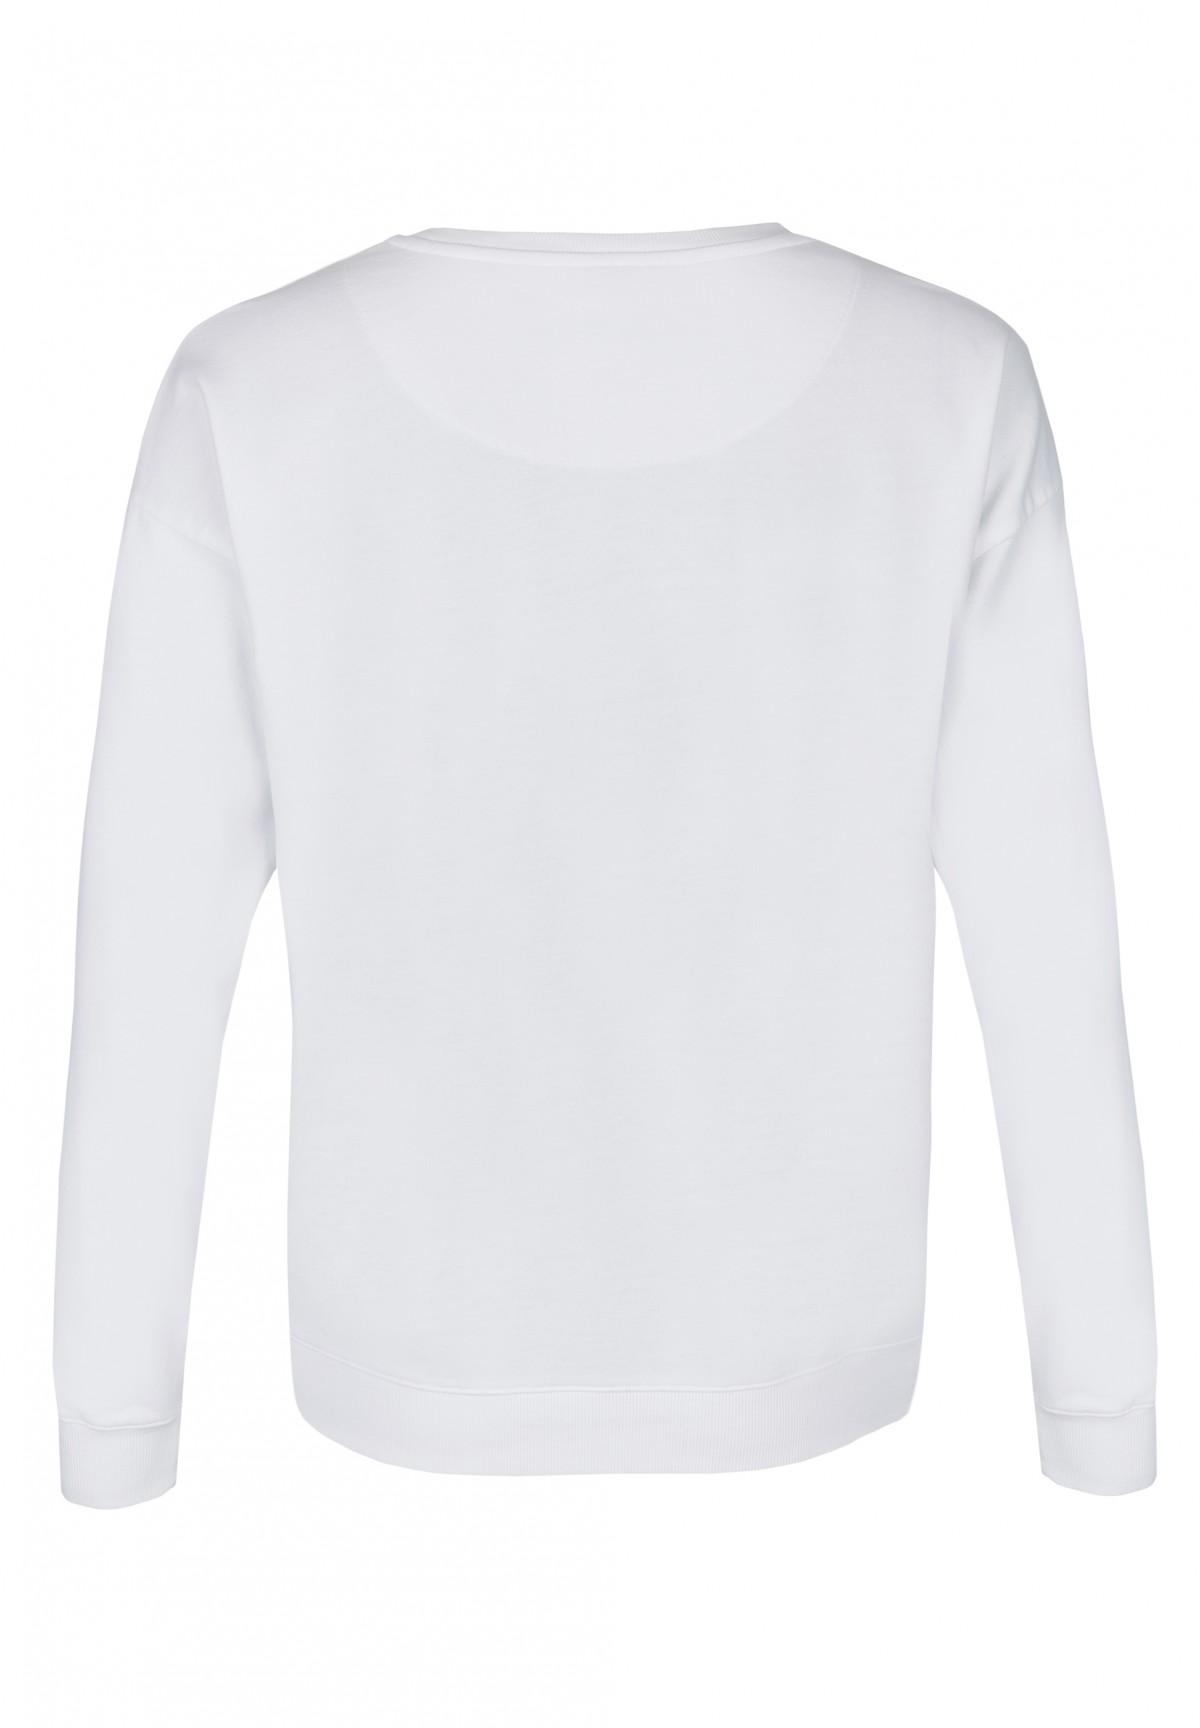 Sportiver Pullover mit Print / Sweatshirt